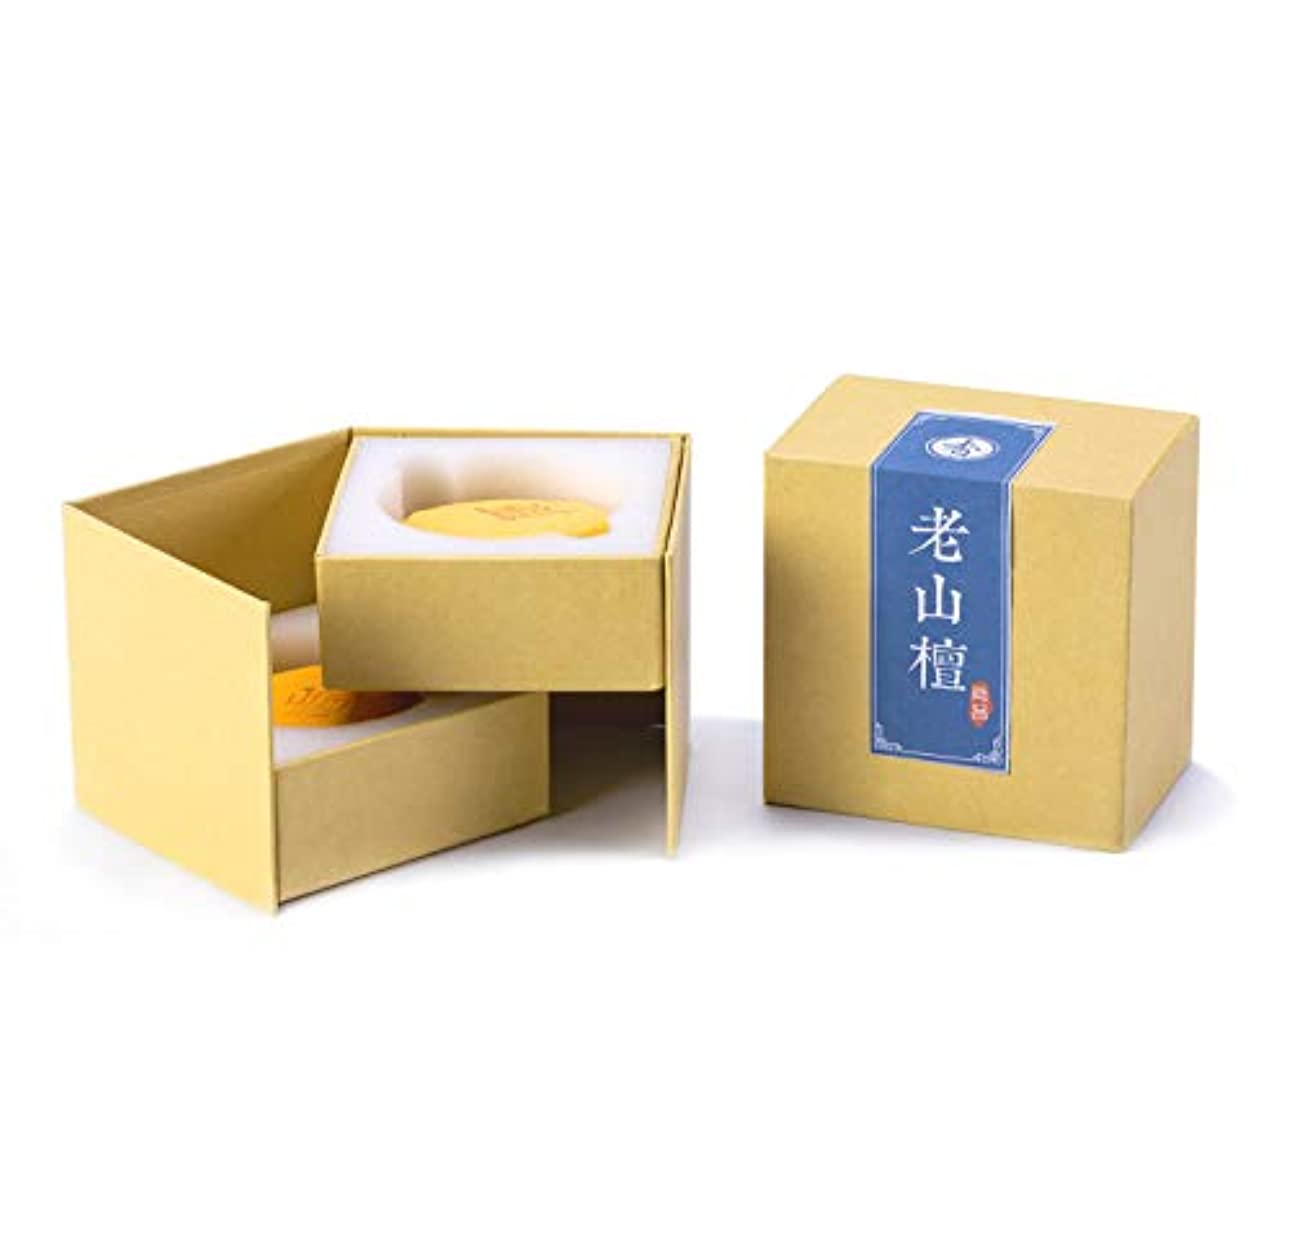 錫敵対的タワーHwaGui お香 優しい香り 渦巻き線香 4時間盤香 40巻入 白檀